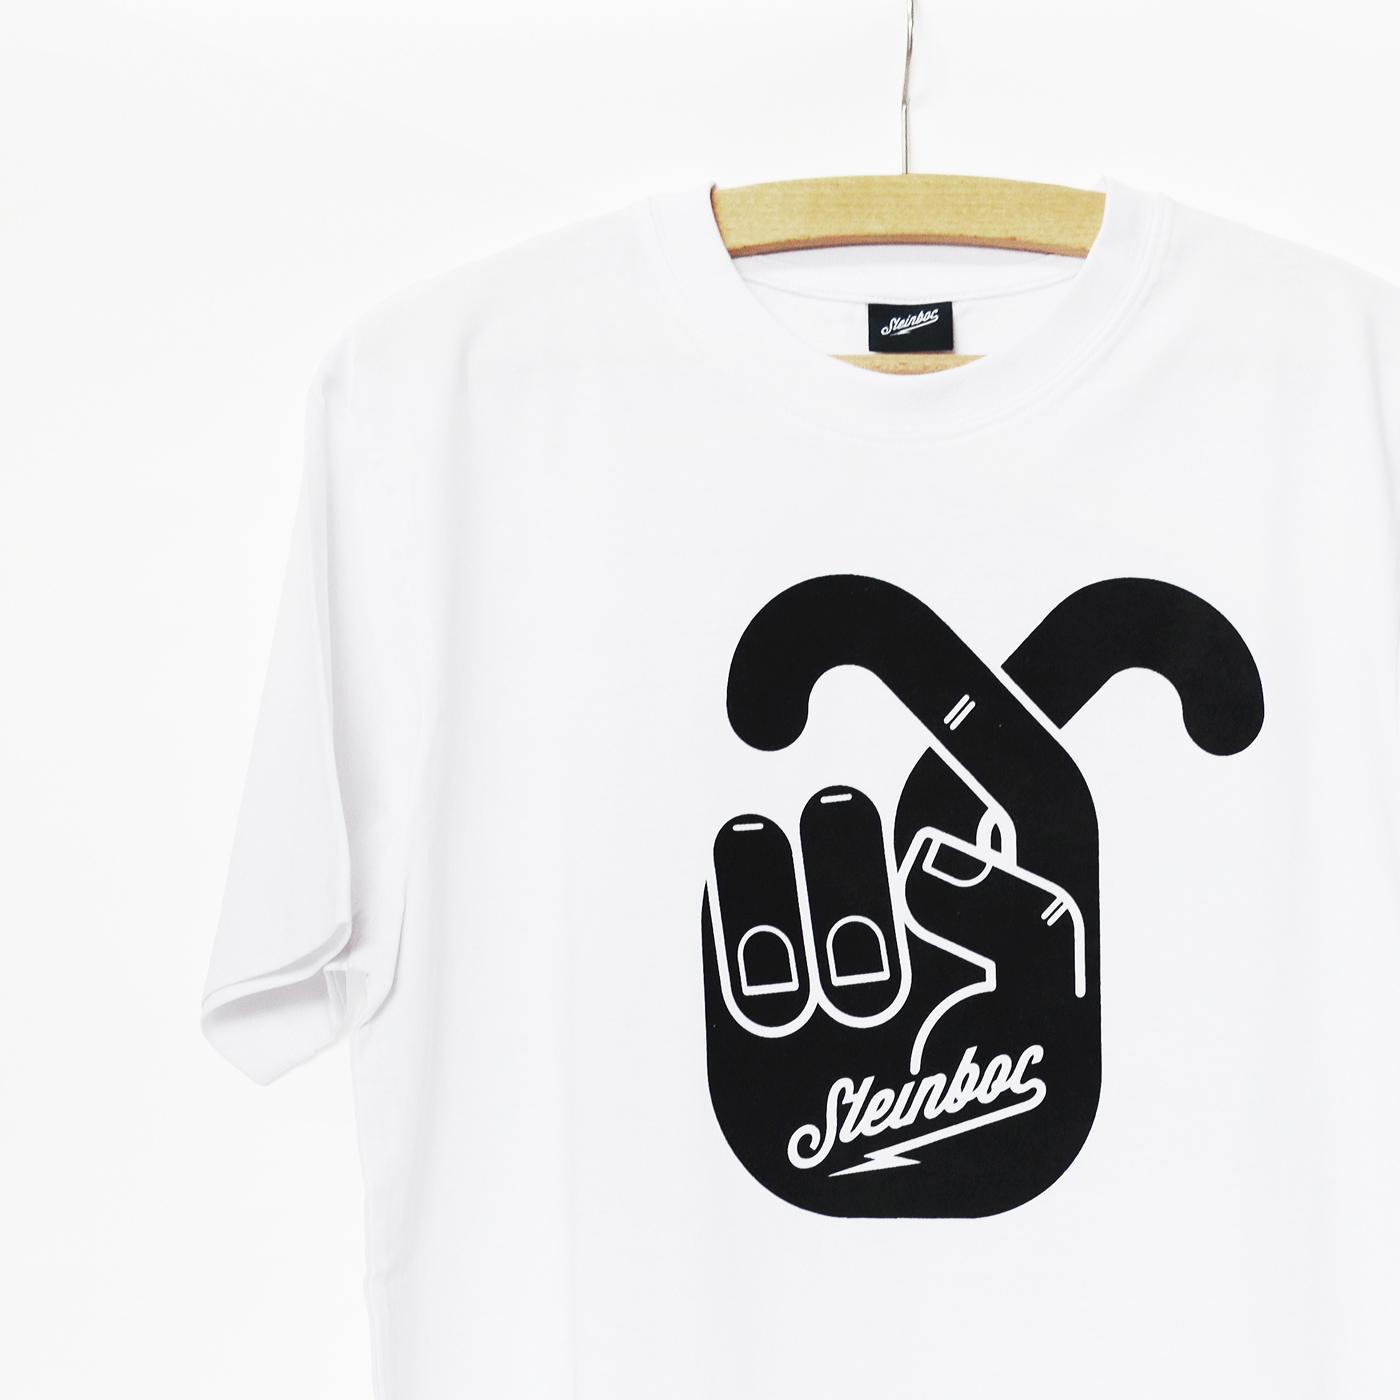 Shirt_Handboc-Maenner_detail_quadrat_hp